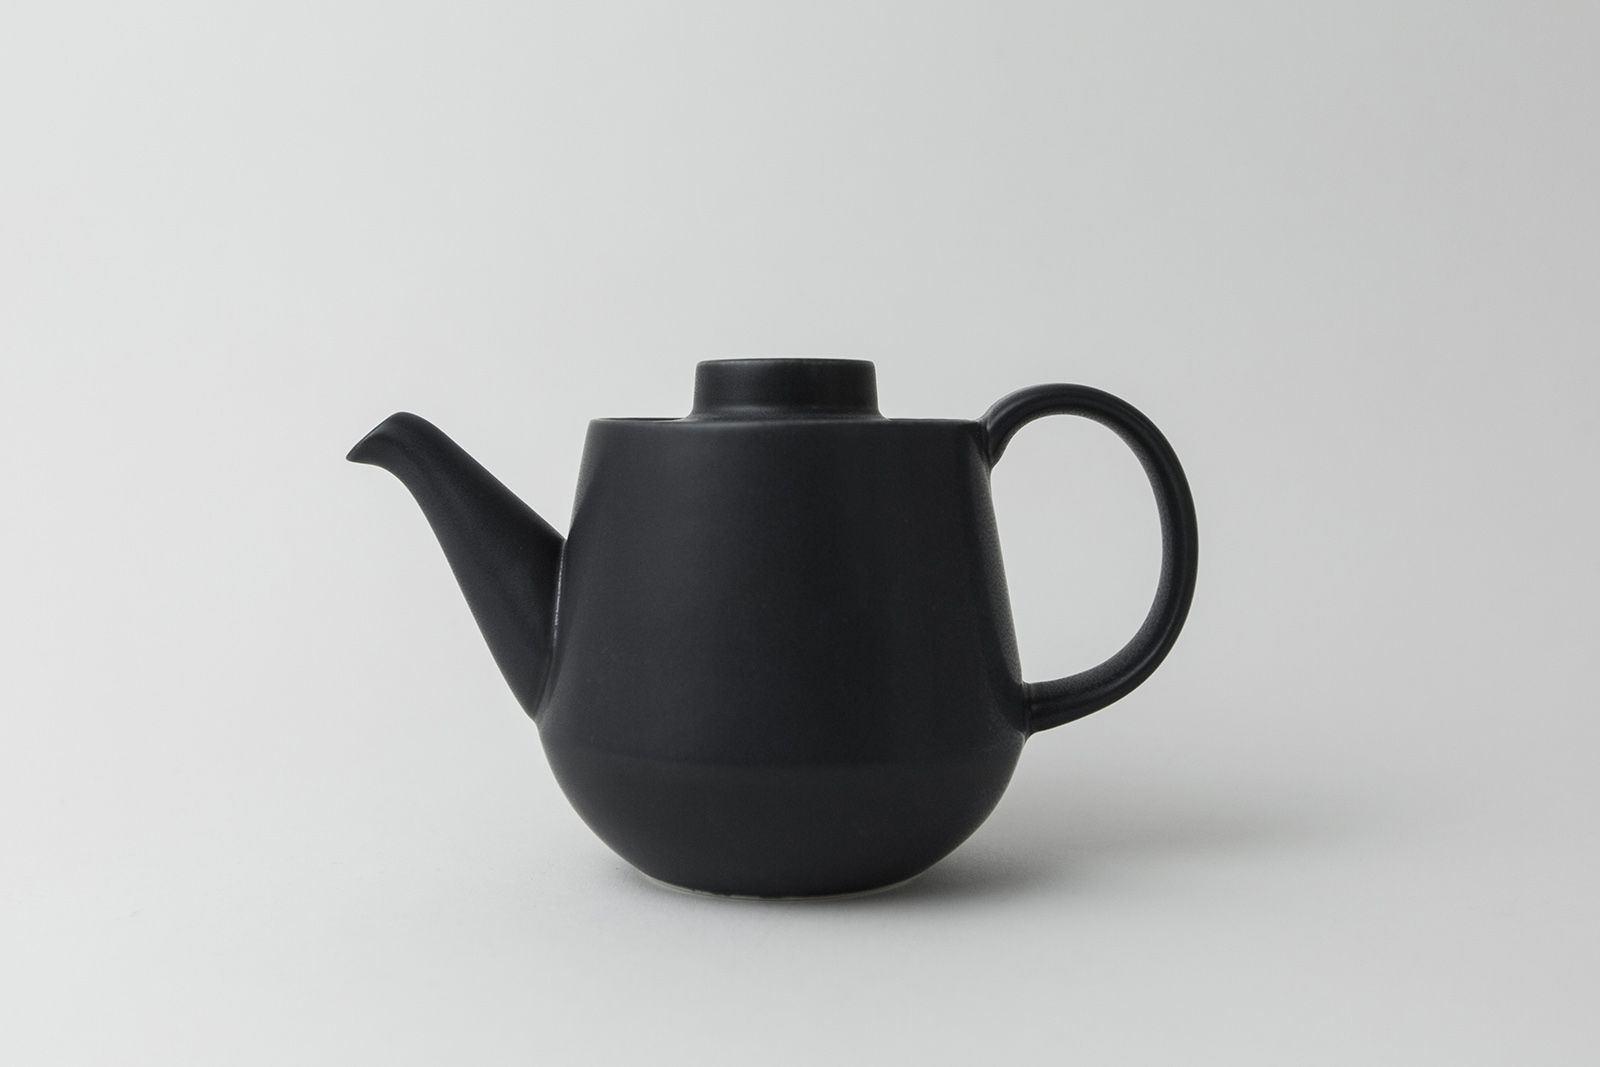 日本 KIHARA 藍素磁釉 茶壺